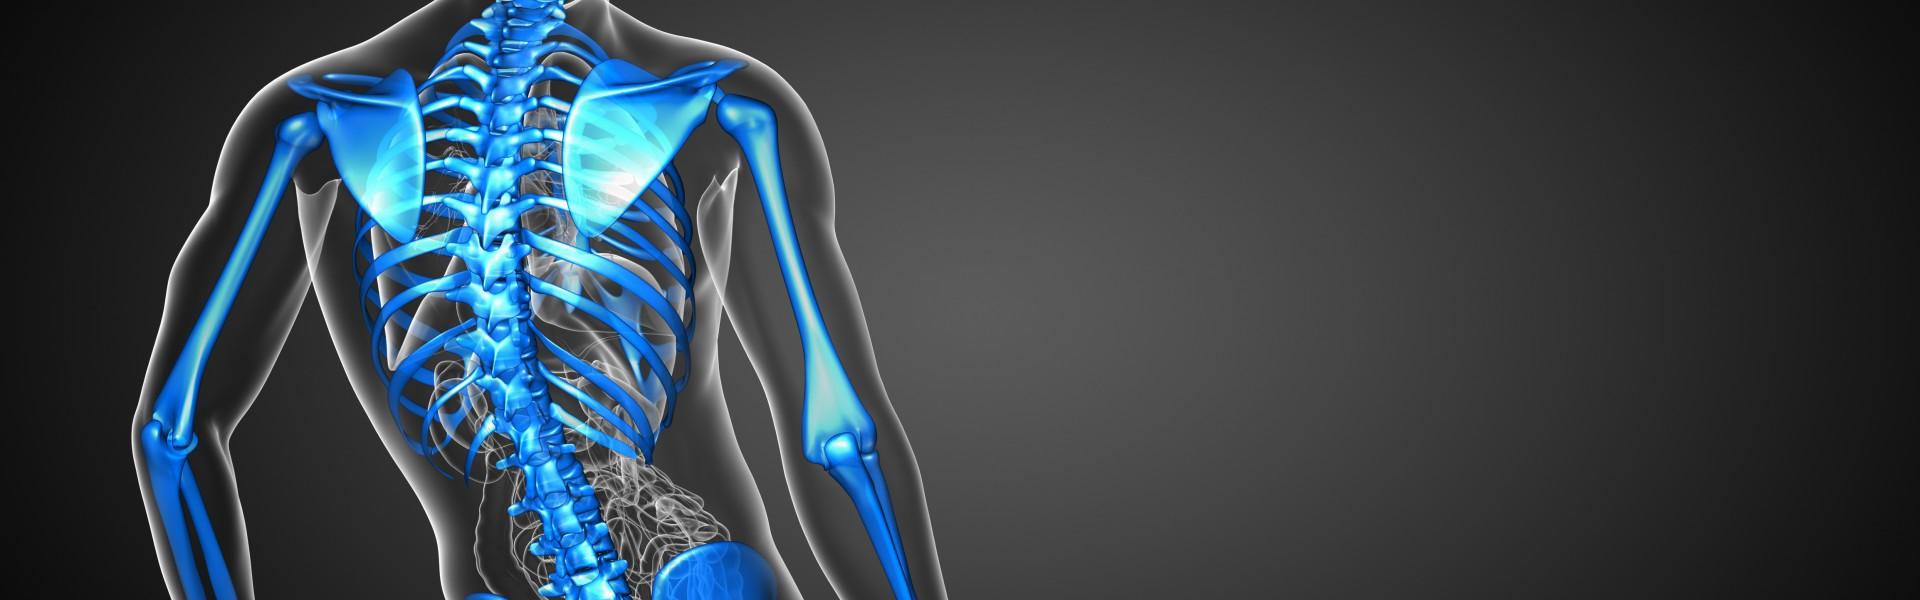 3d render medical illustration of the skeleton bone - back view